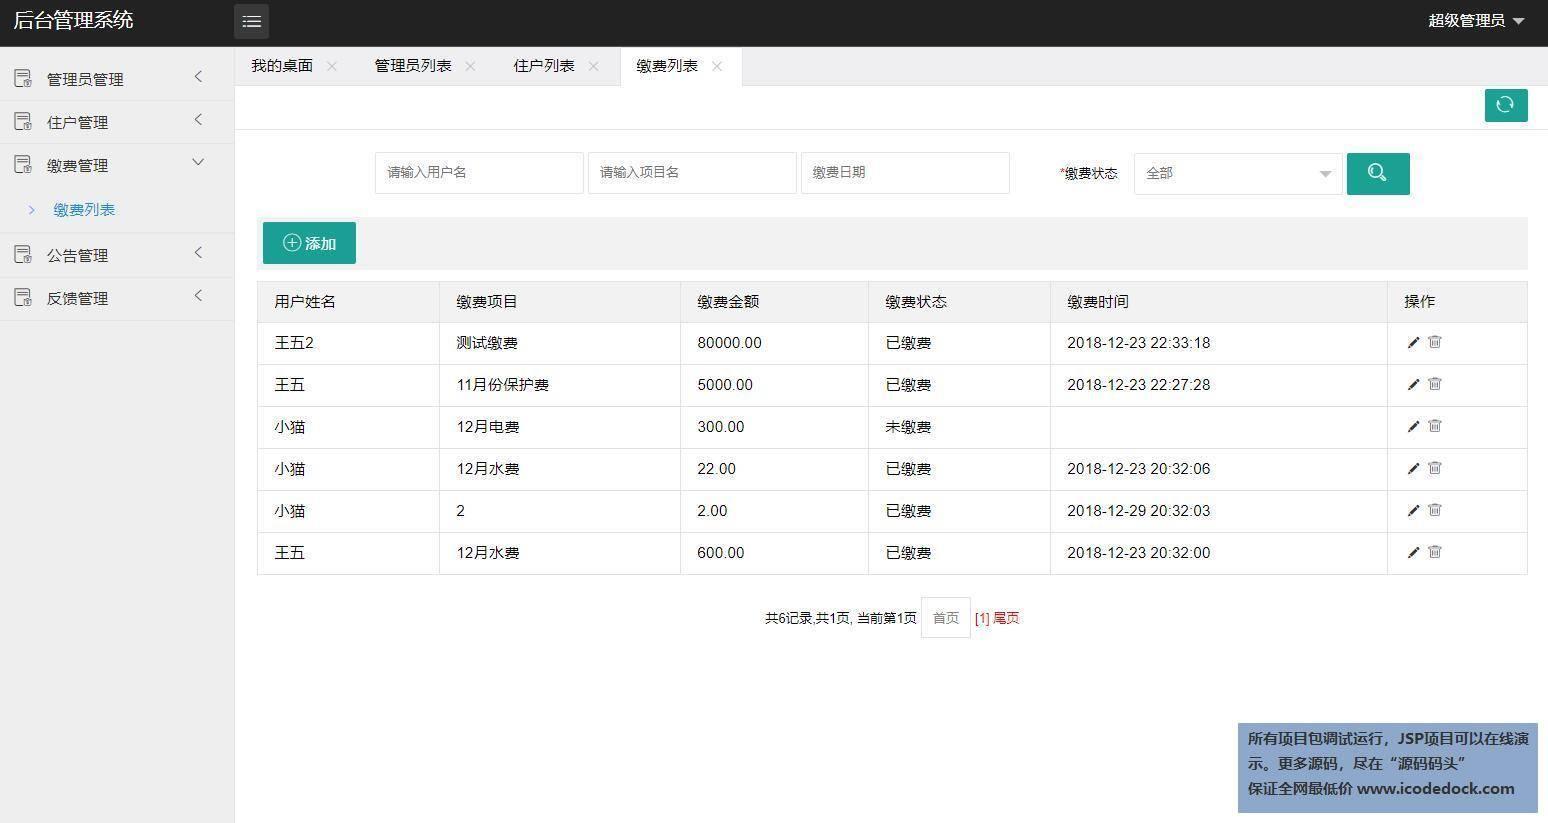 源码码头-SSM物业缴费管理系统-管理员角色-缴费列表